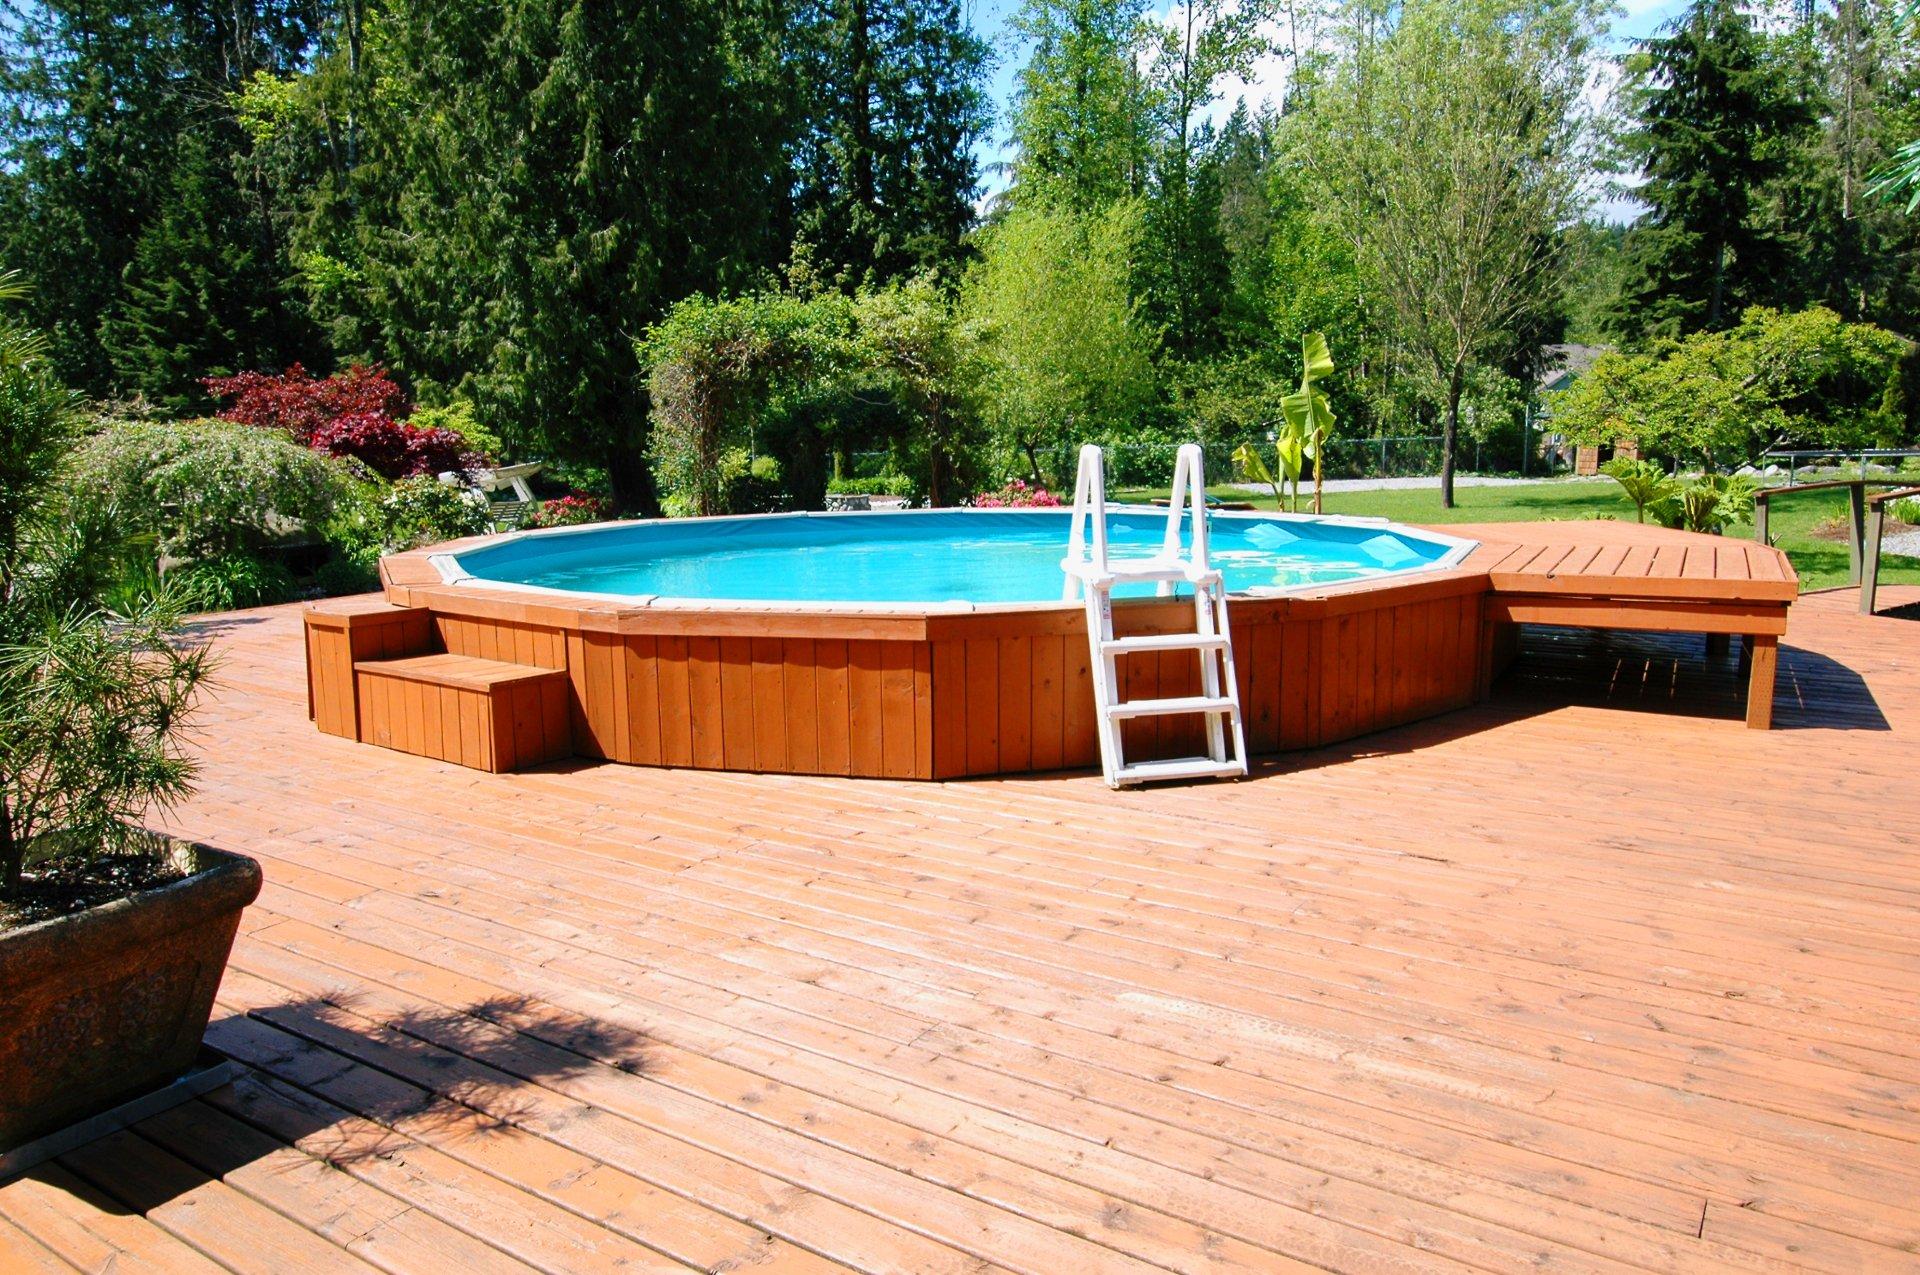 Bassin Hors Sol Parpaing constructeur piscine, vente et installation à montlouis-sur